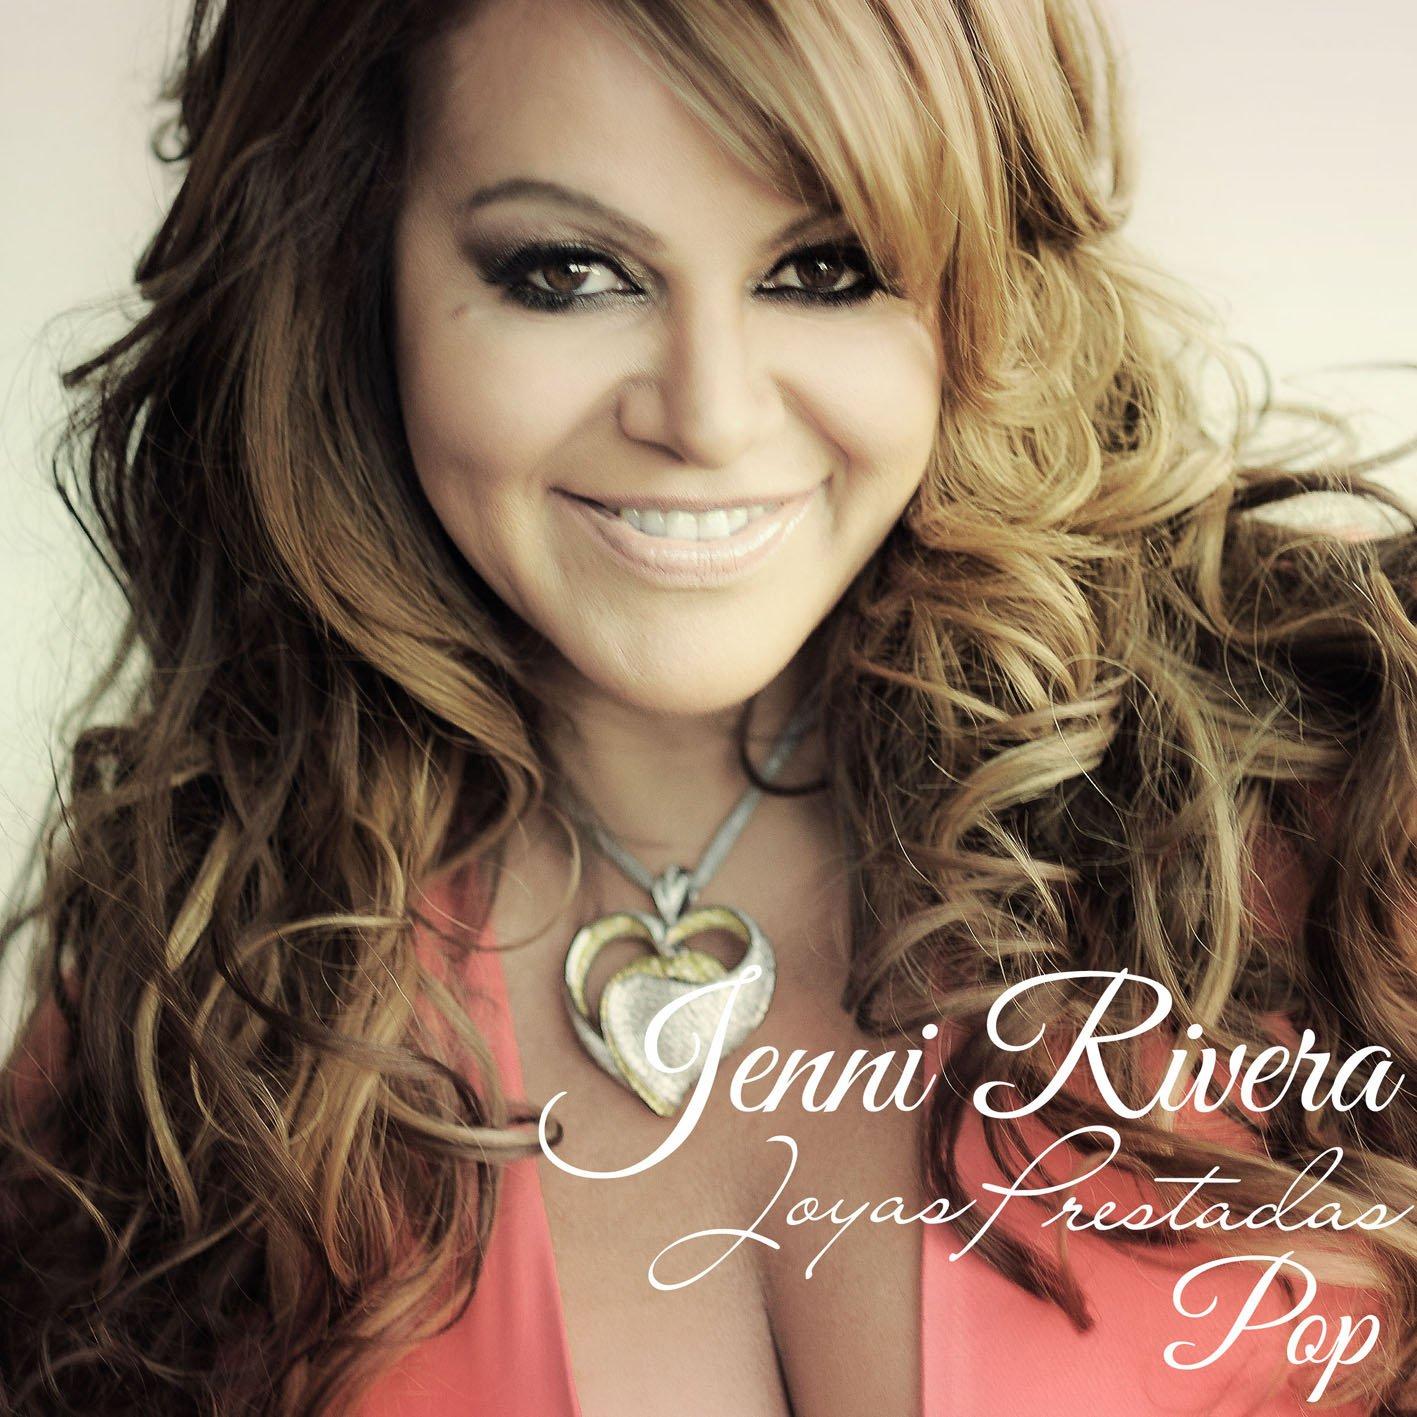 Jenni Rivera avion